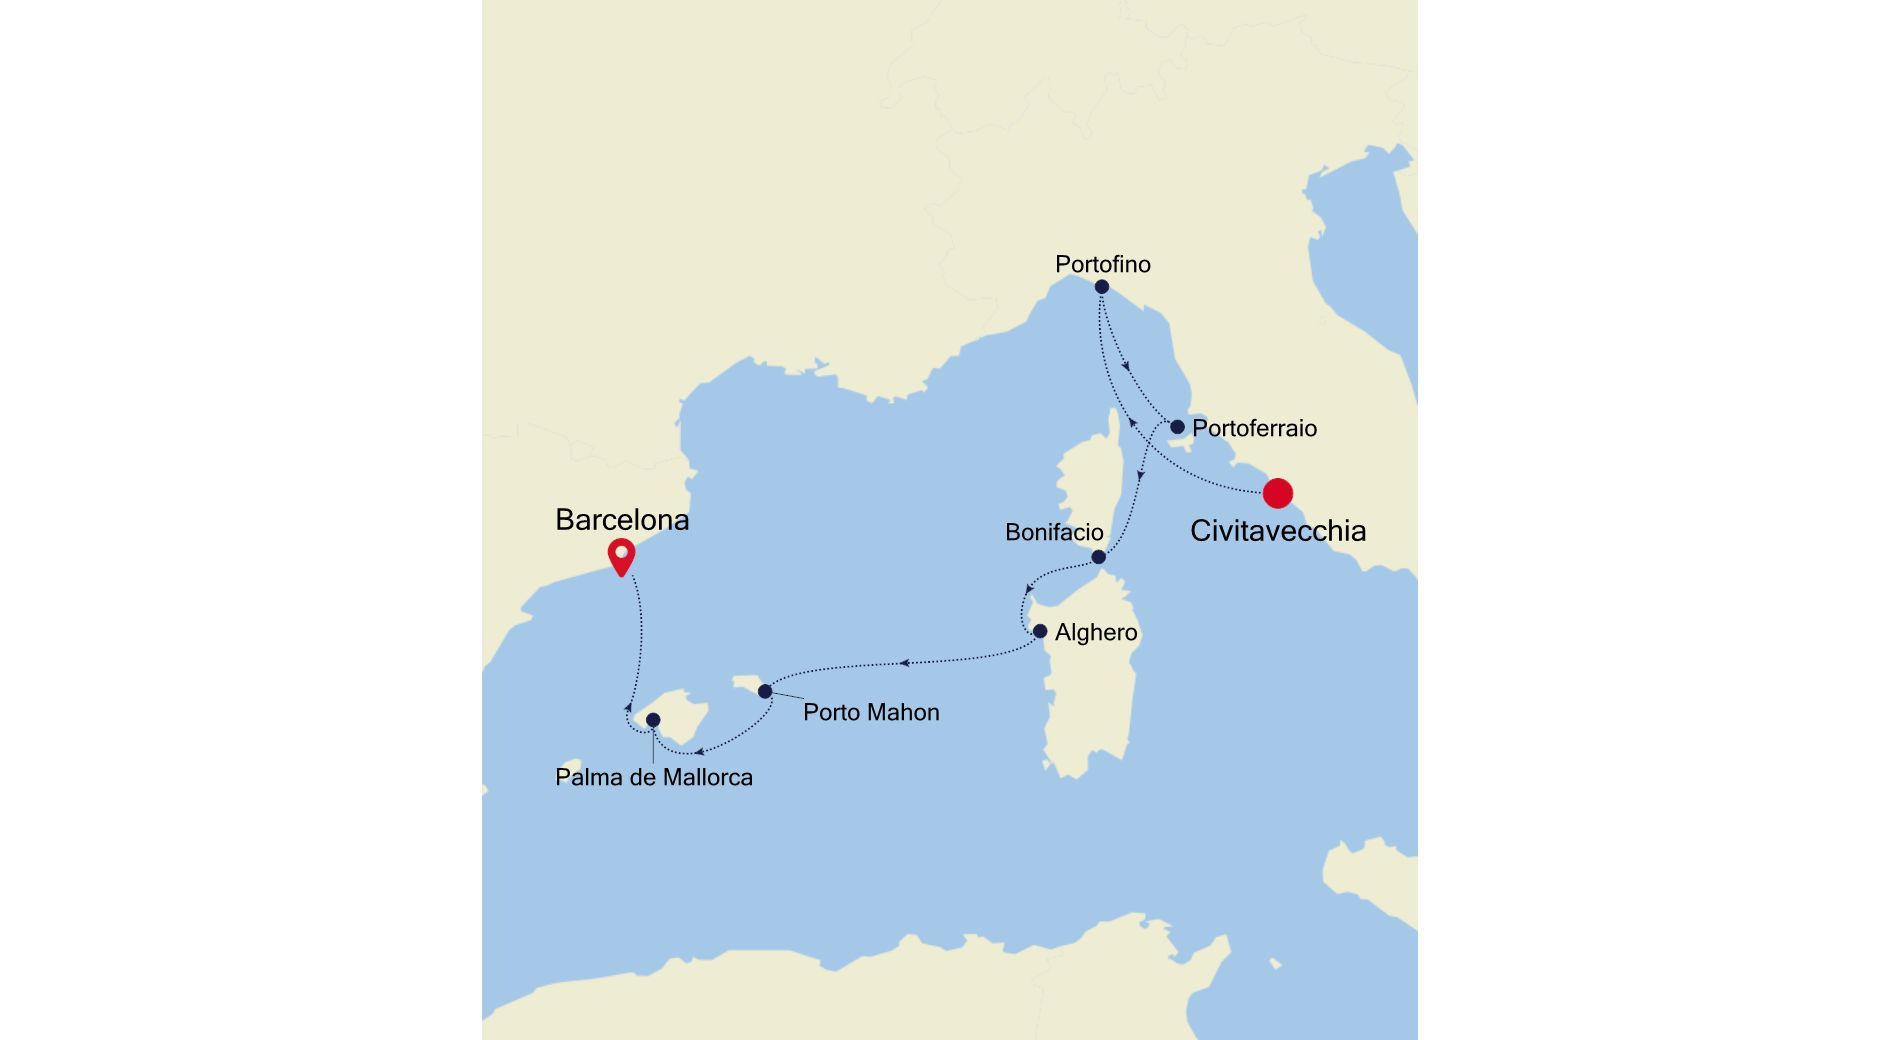 SS210517007 - Civitavecchia to Barcelona